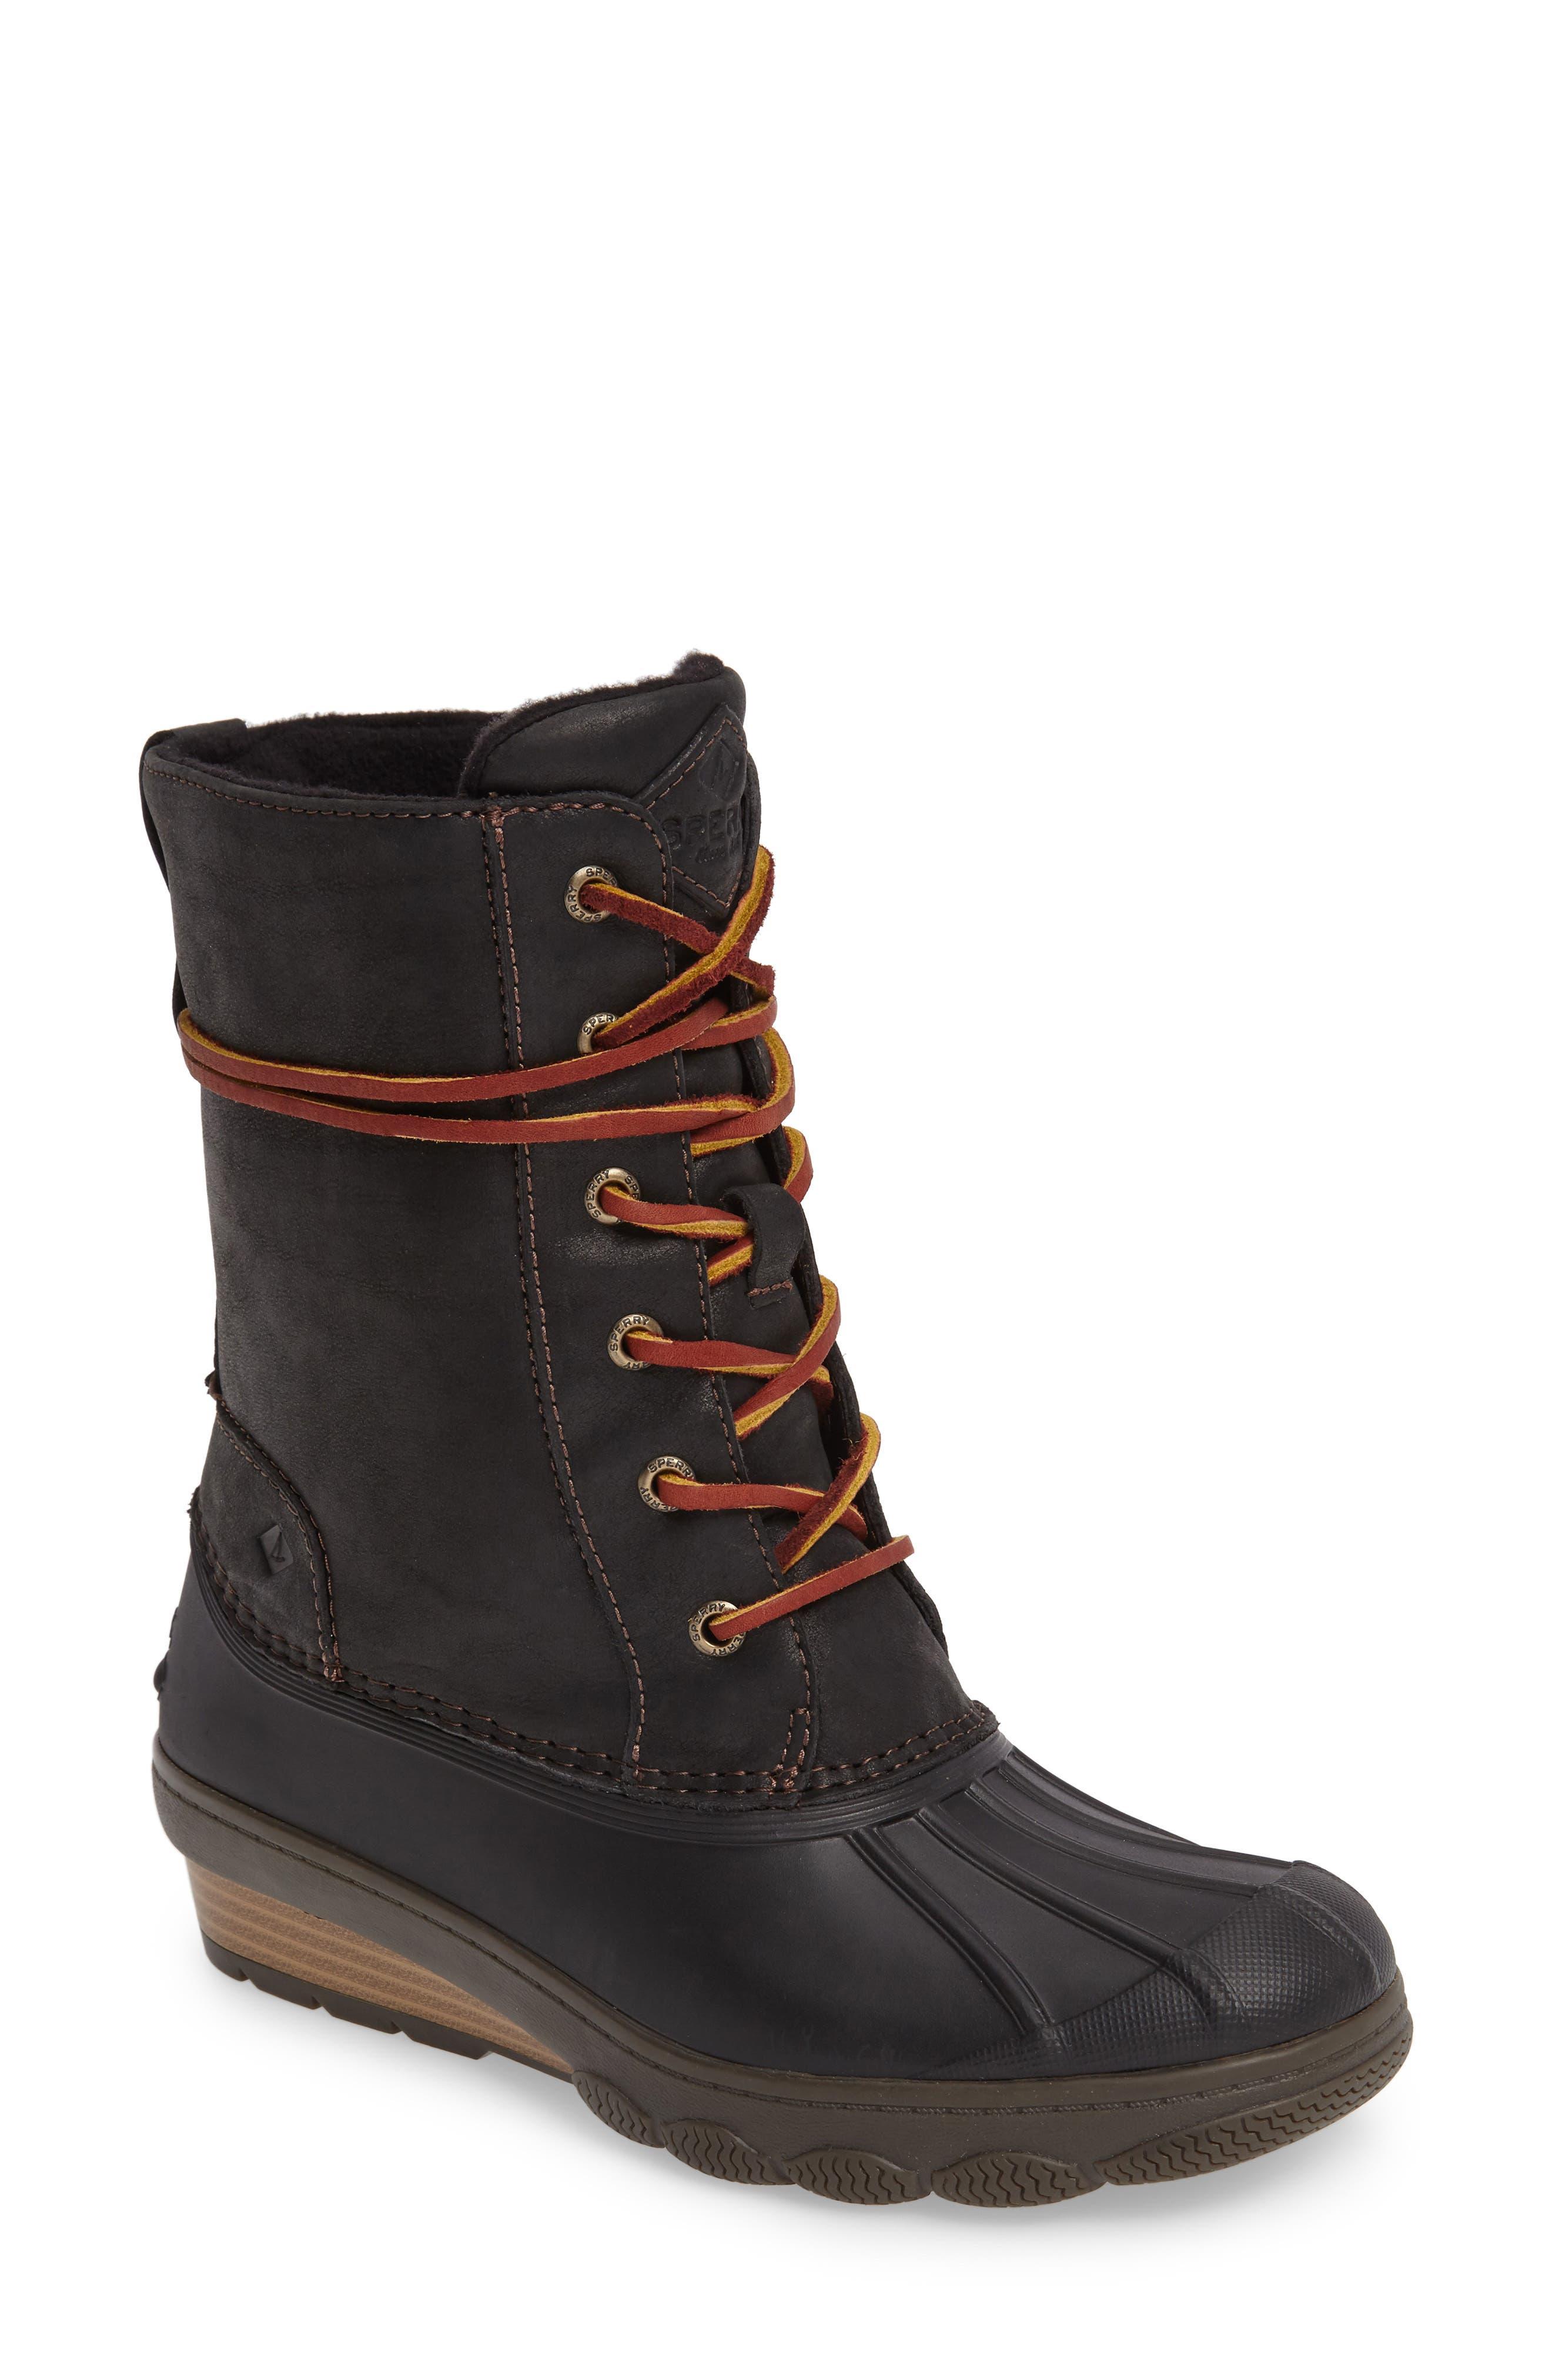 Saltwater Wedge Reeve Waterproof Boot,                         Main,                         color, 001